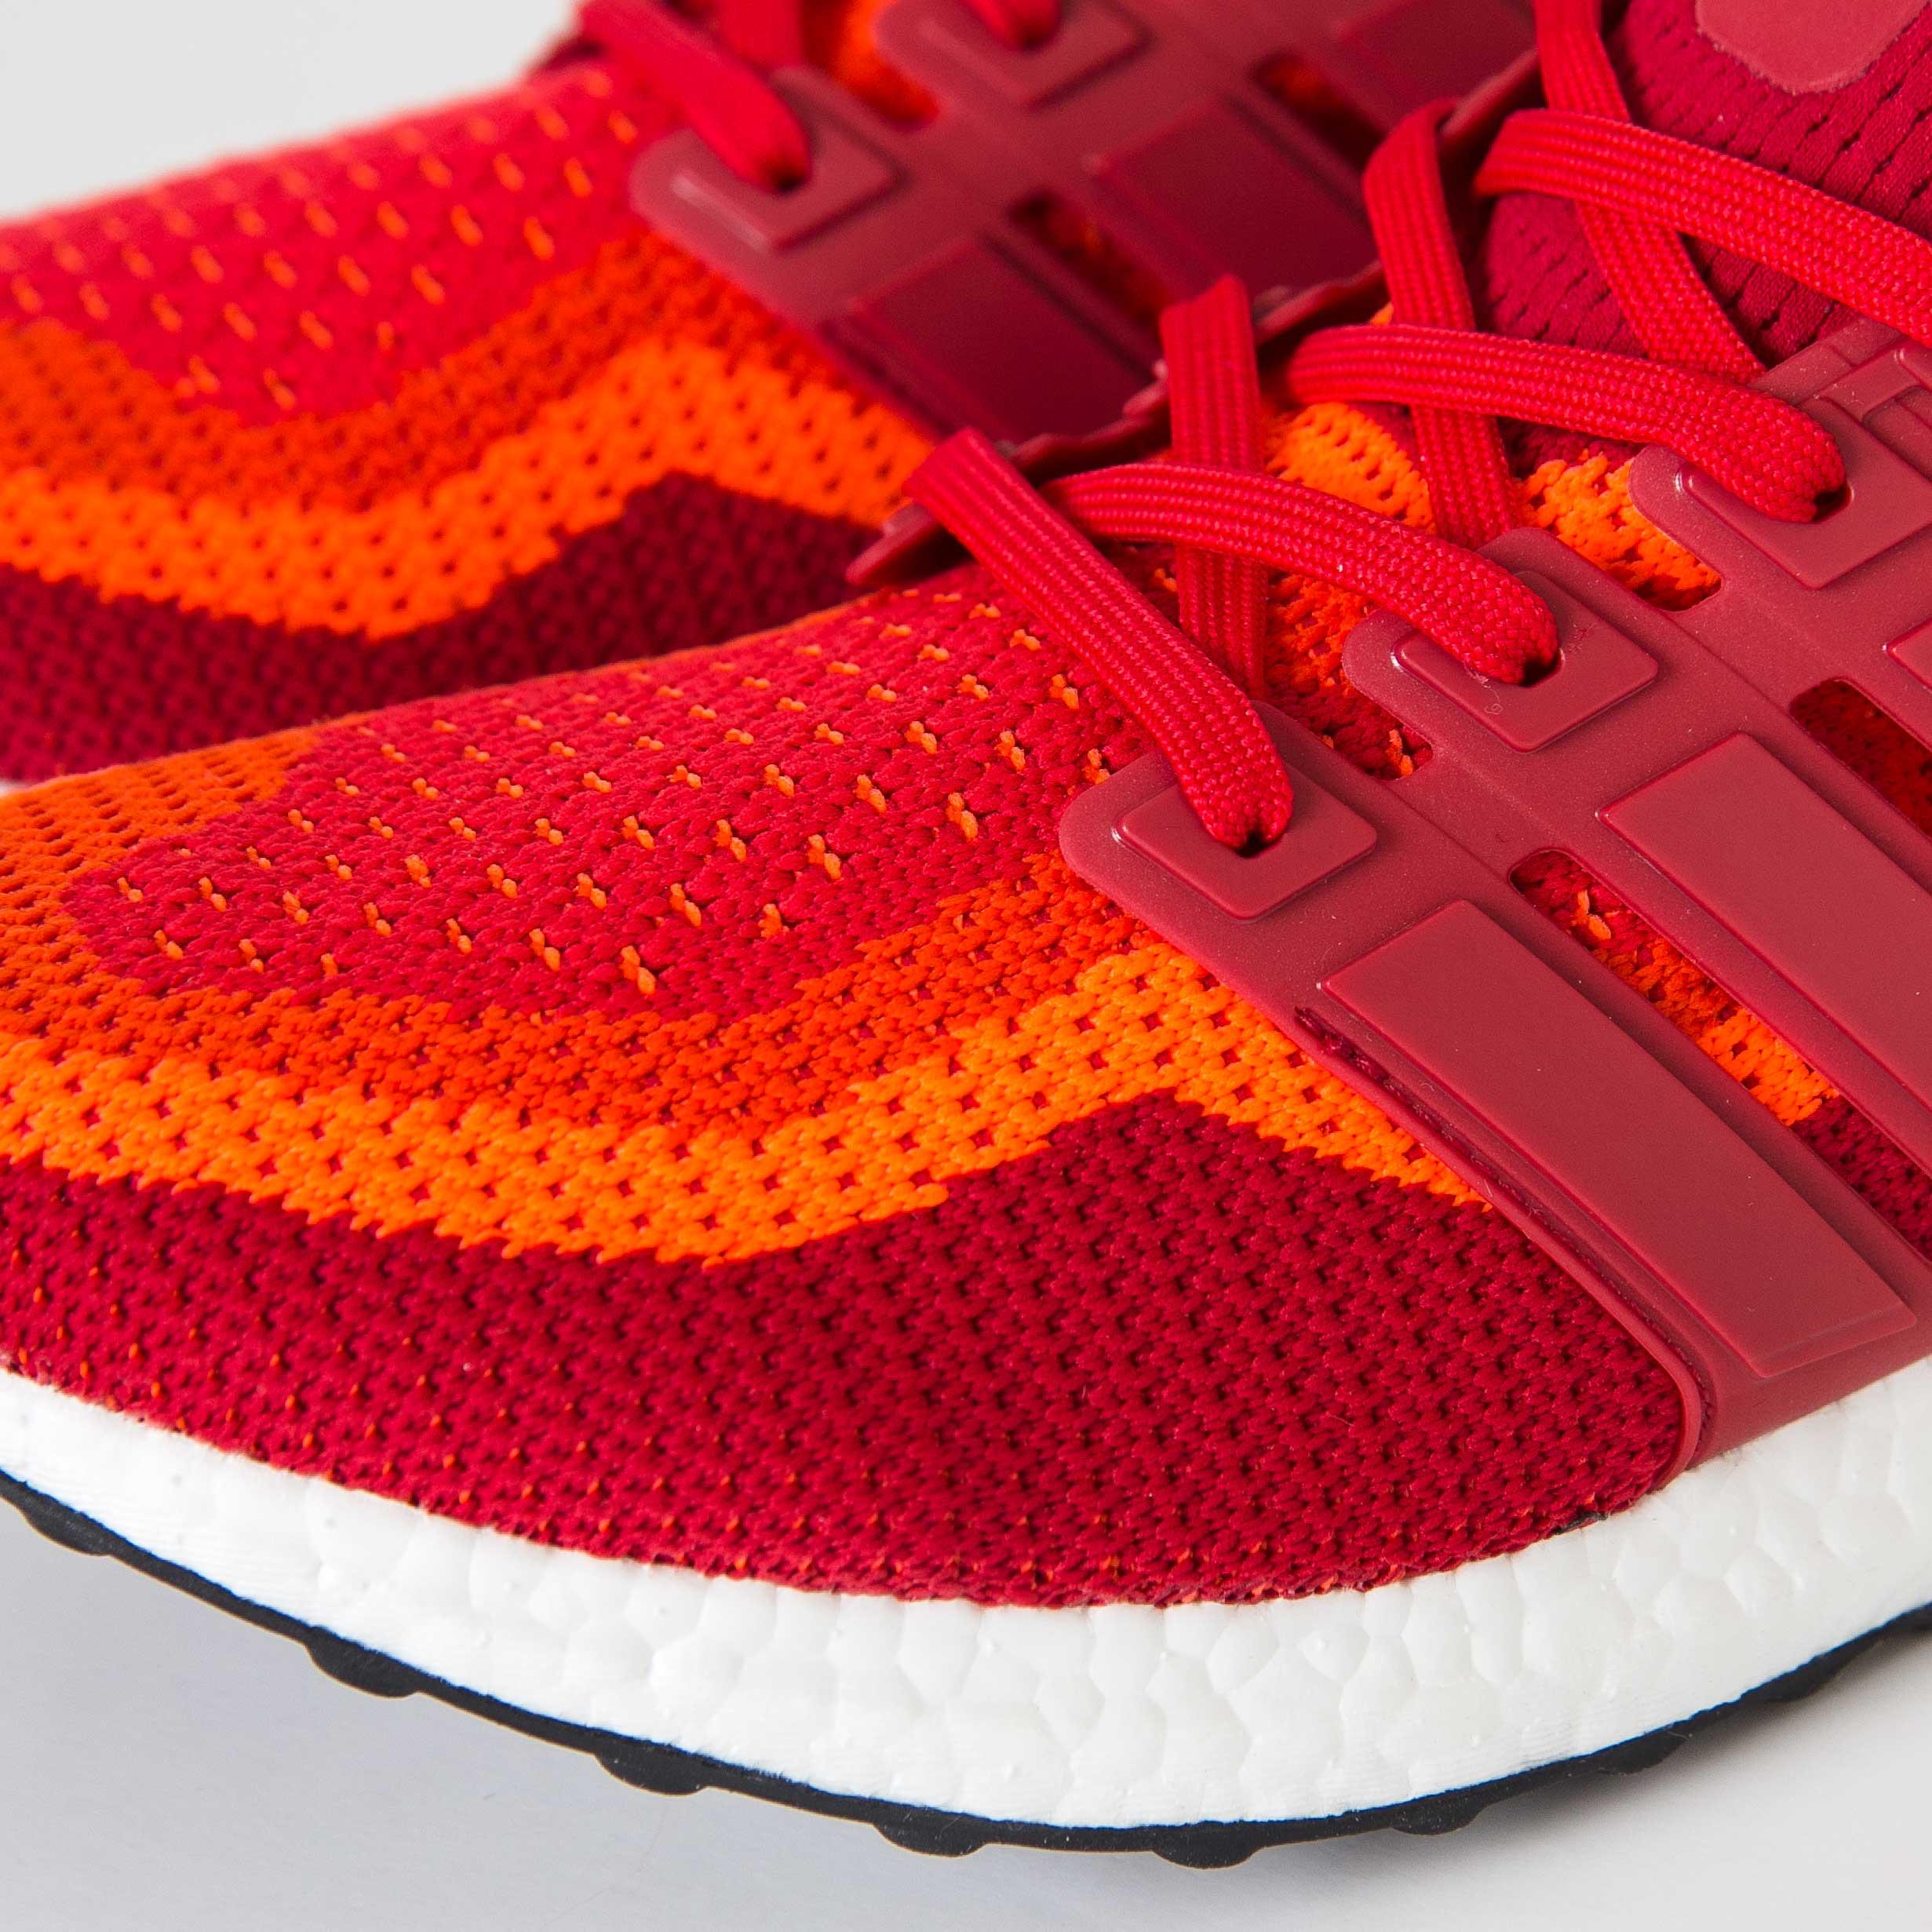 99a9df6ad1371 adidas ultra boost m - Aq4006 - Sneakersnstuff